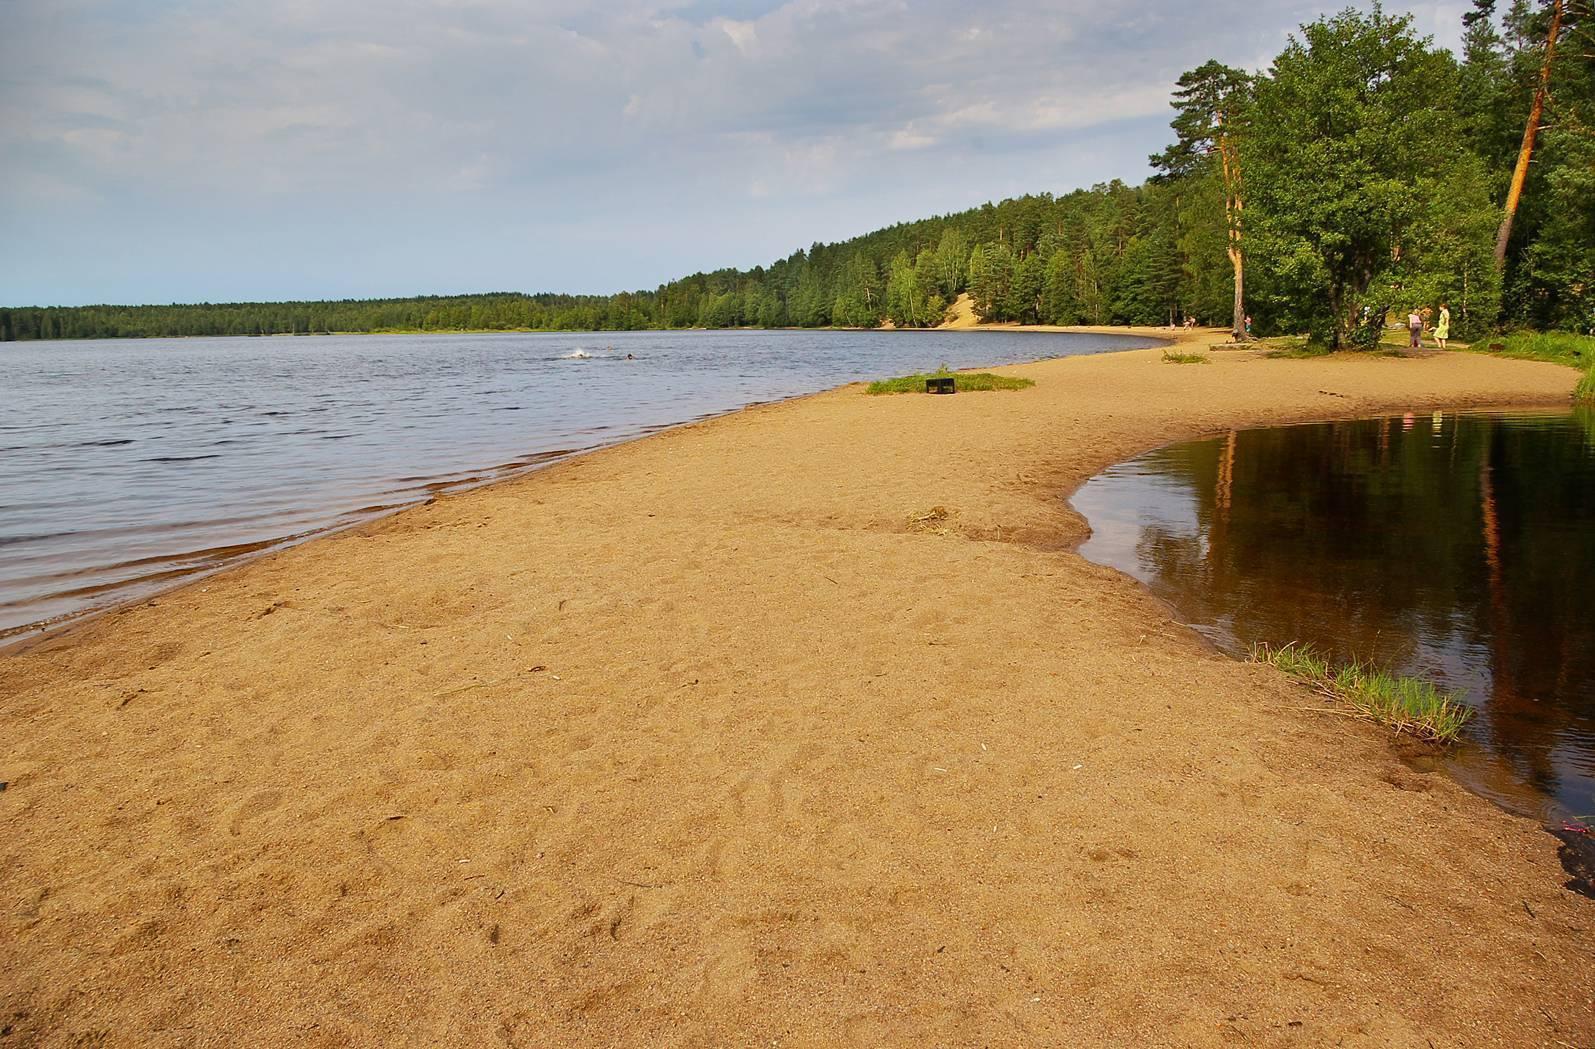 Озеро долгое (длинное), ленинградская область. рыбалка, базы отдыха, фото, видео, как добраться — туристер.ру